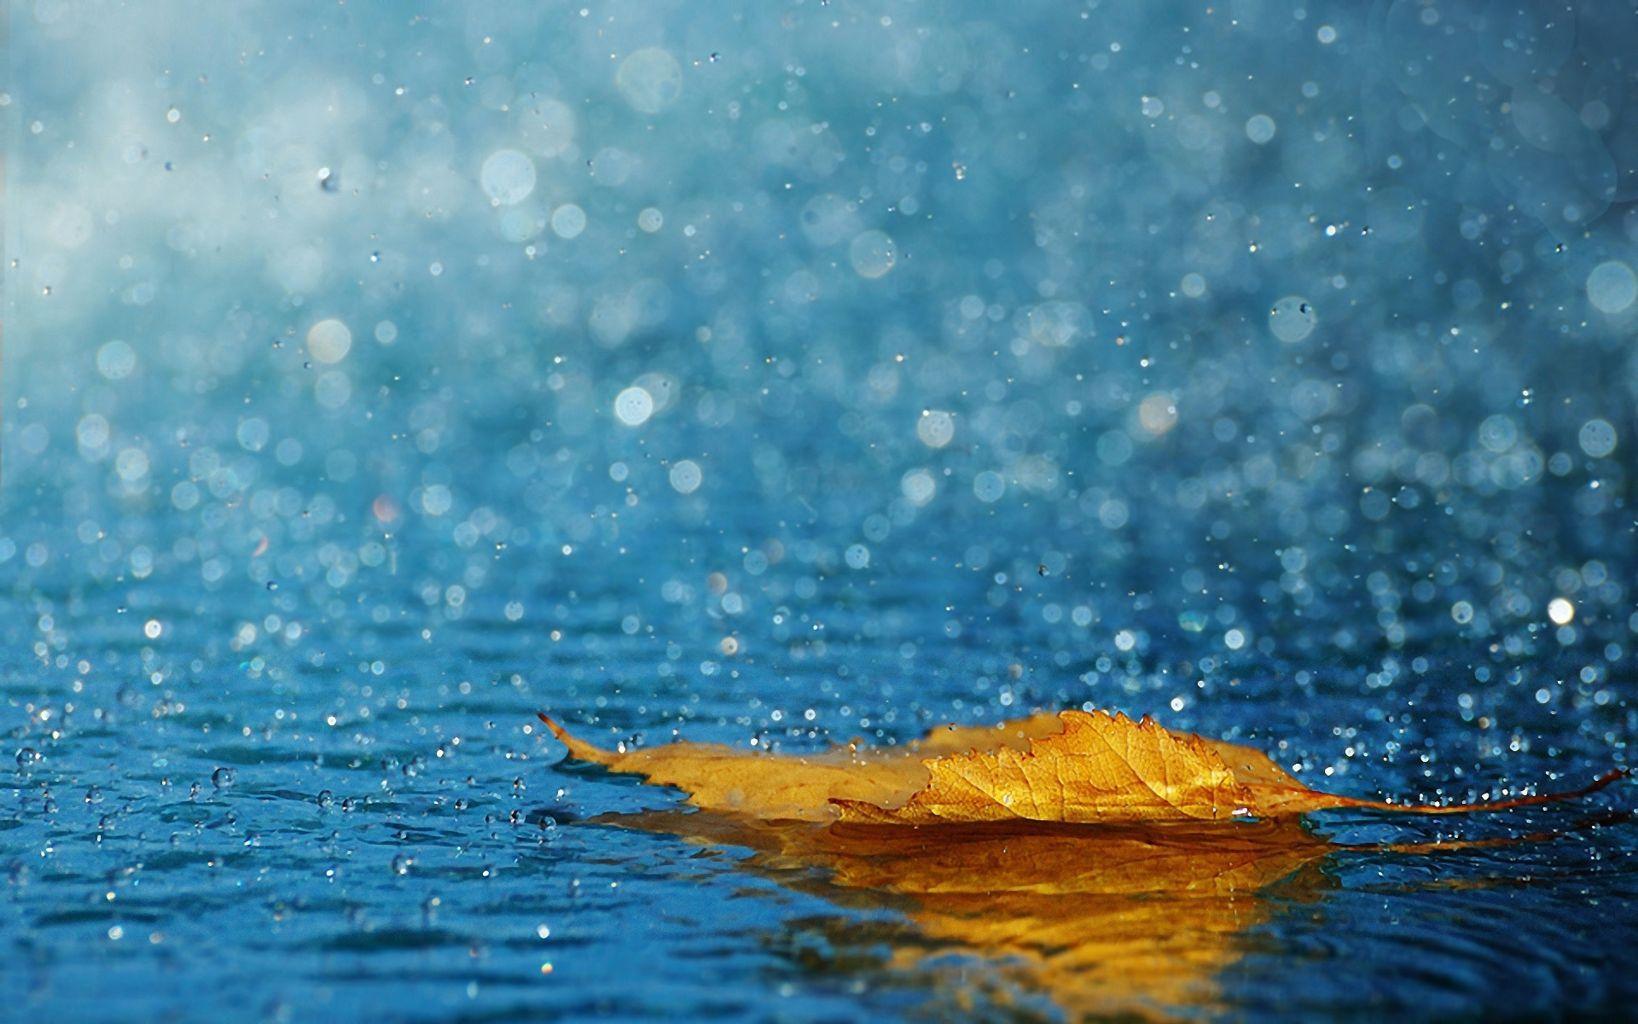 Dự báo thời tiết ngày mai 26/8: Bắc Bộ có mưa rào và dông rải rác